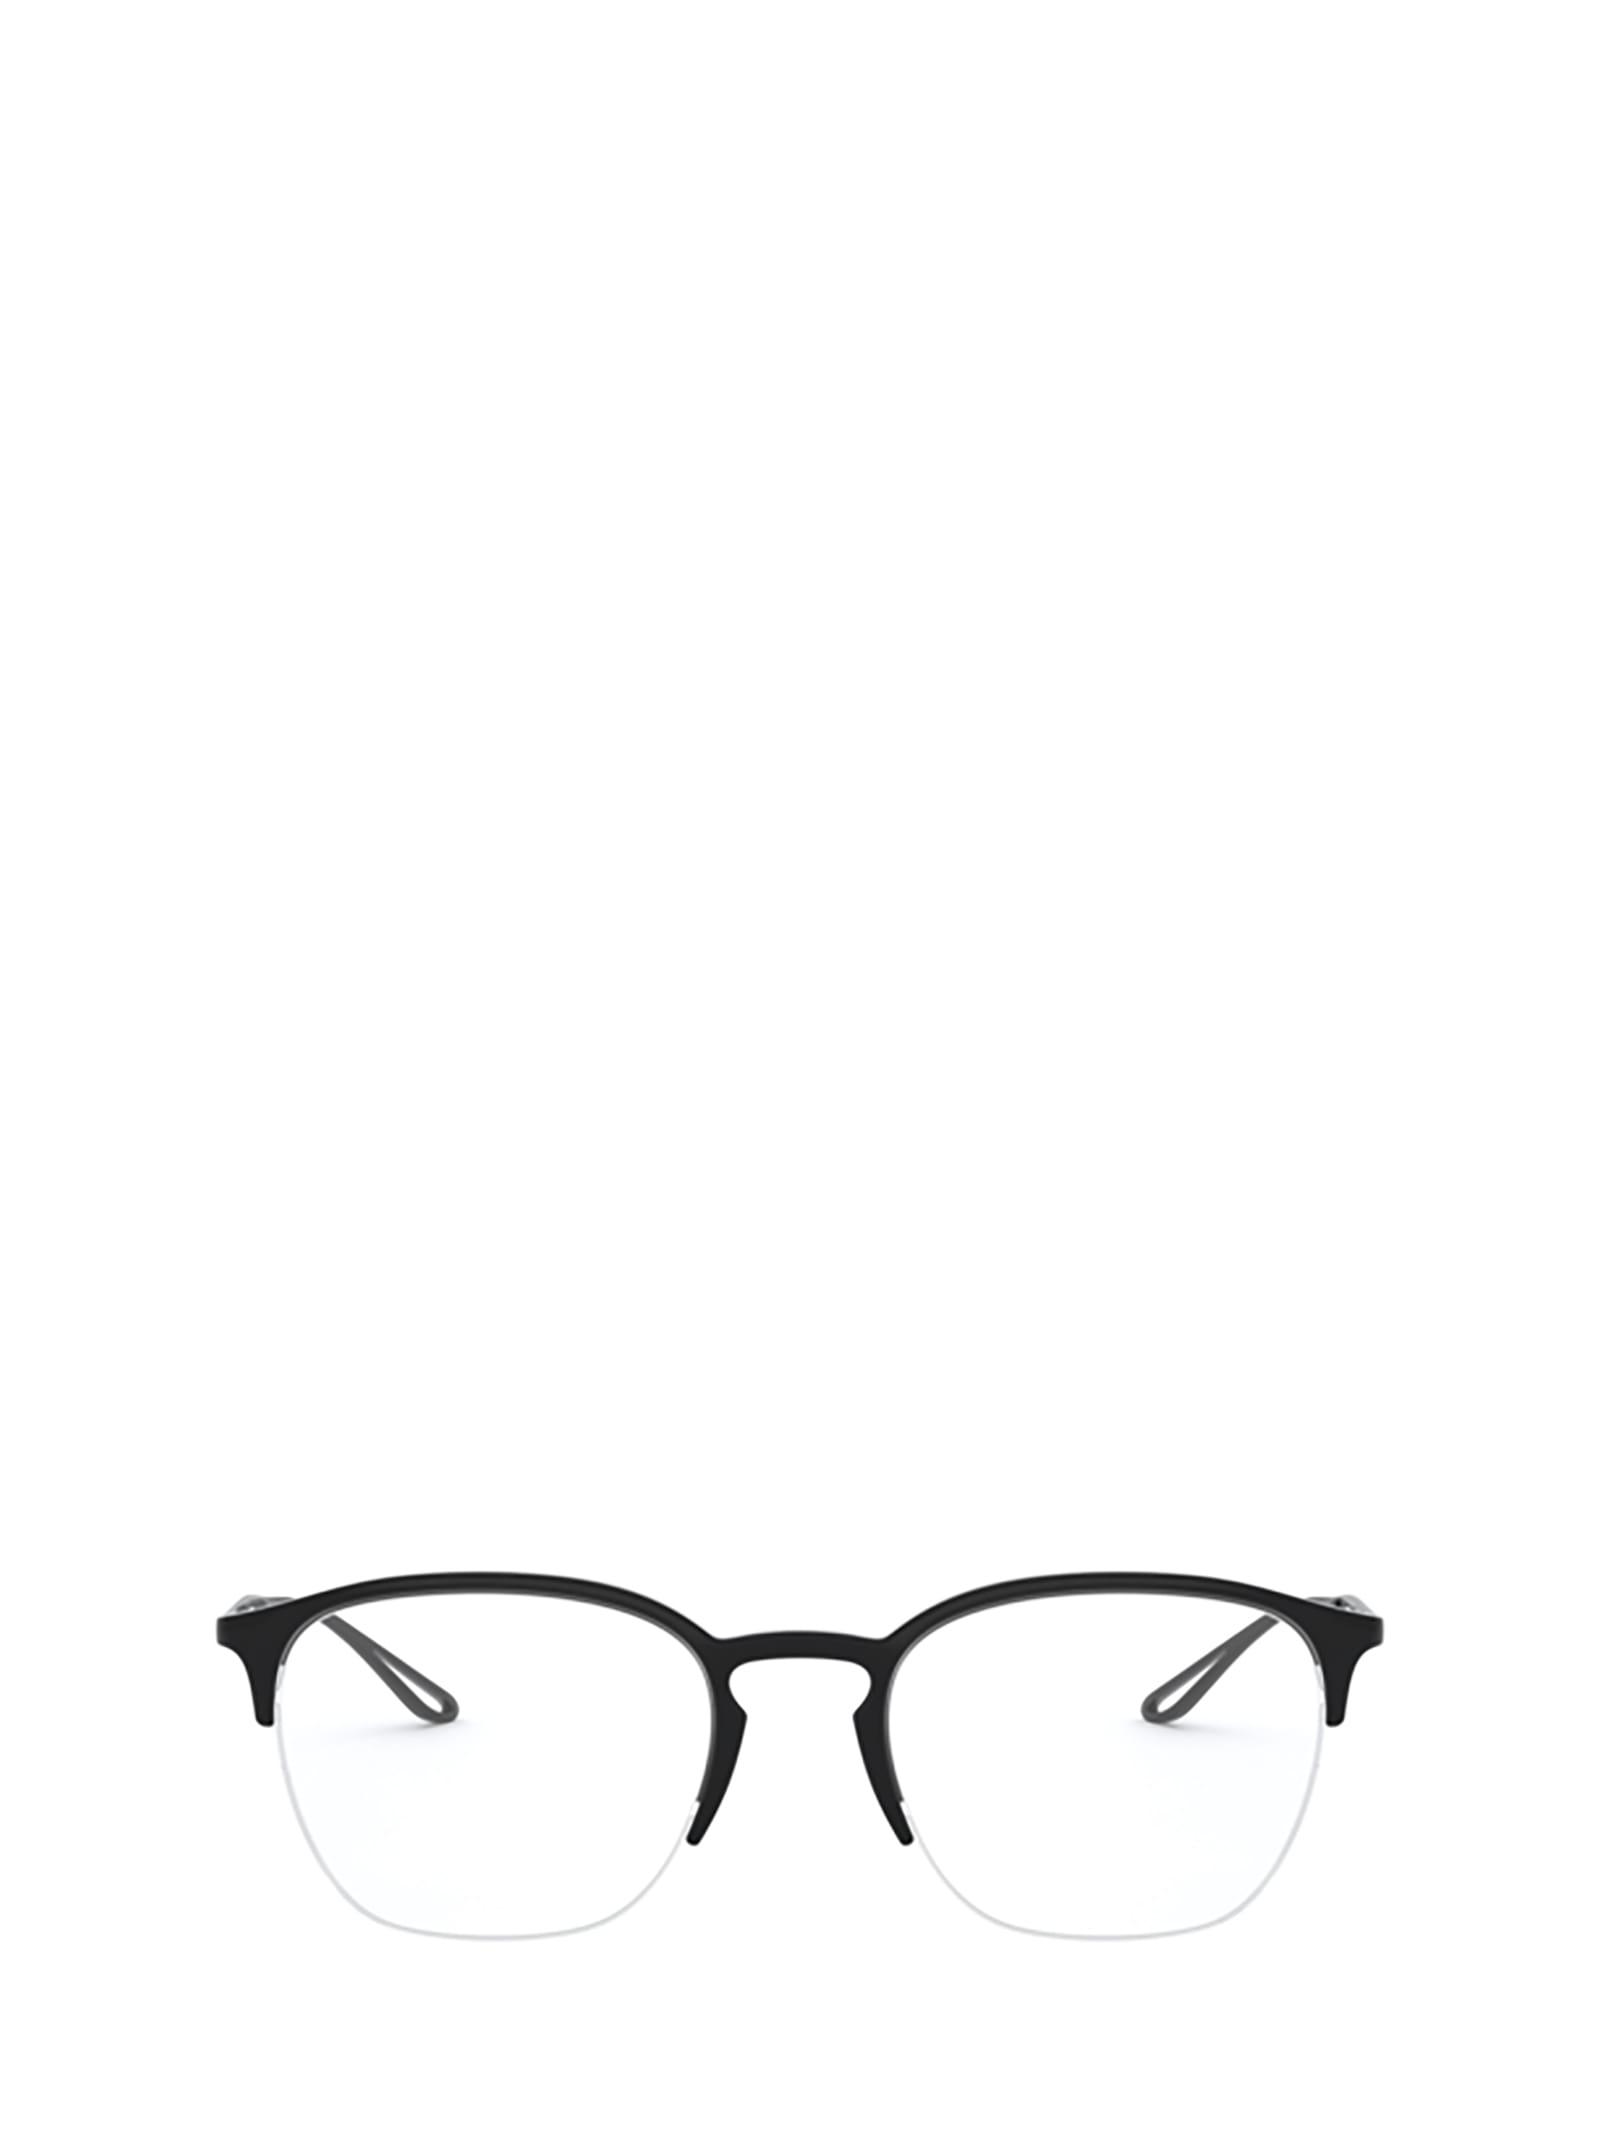 Giorgio Armani Giorgio Armani Ar7175 5001 Glasses